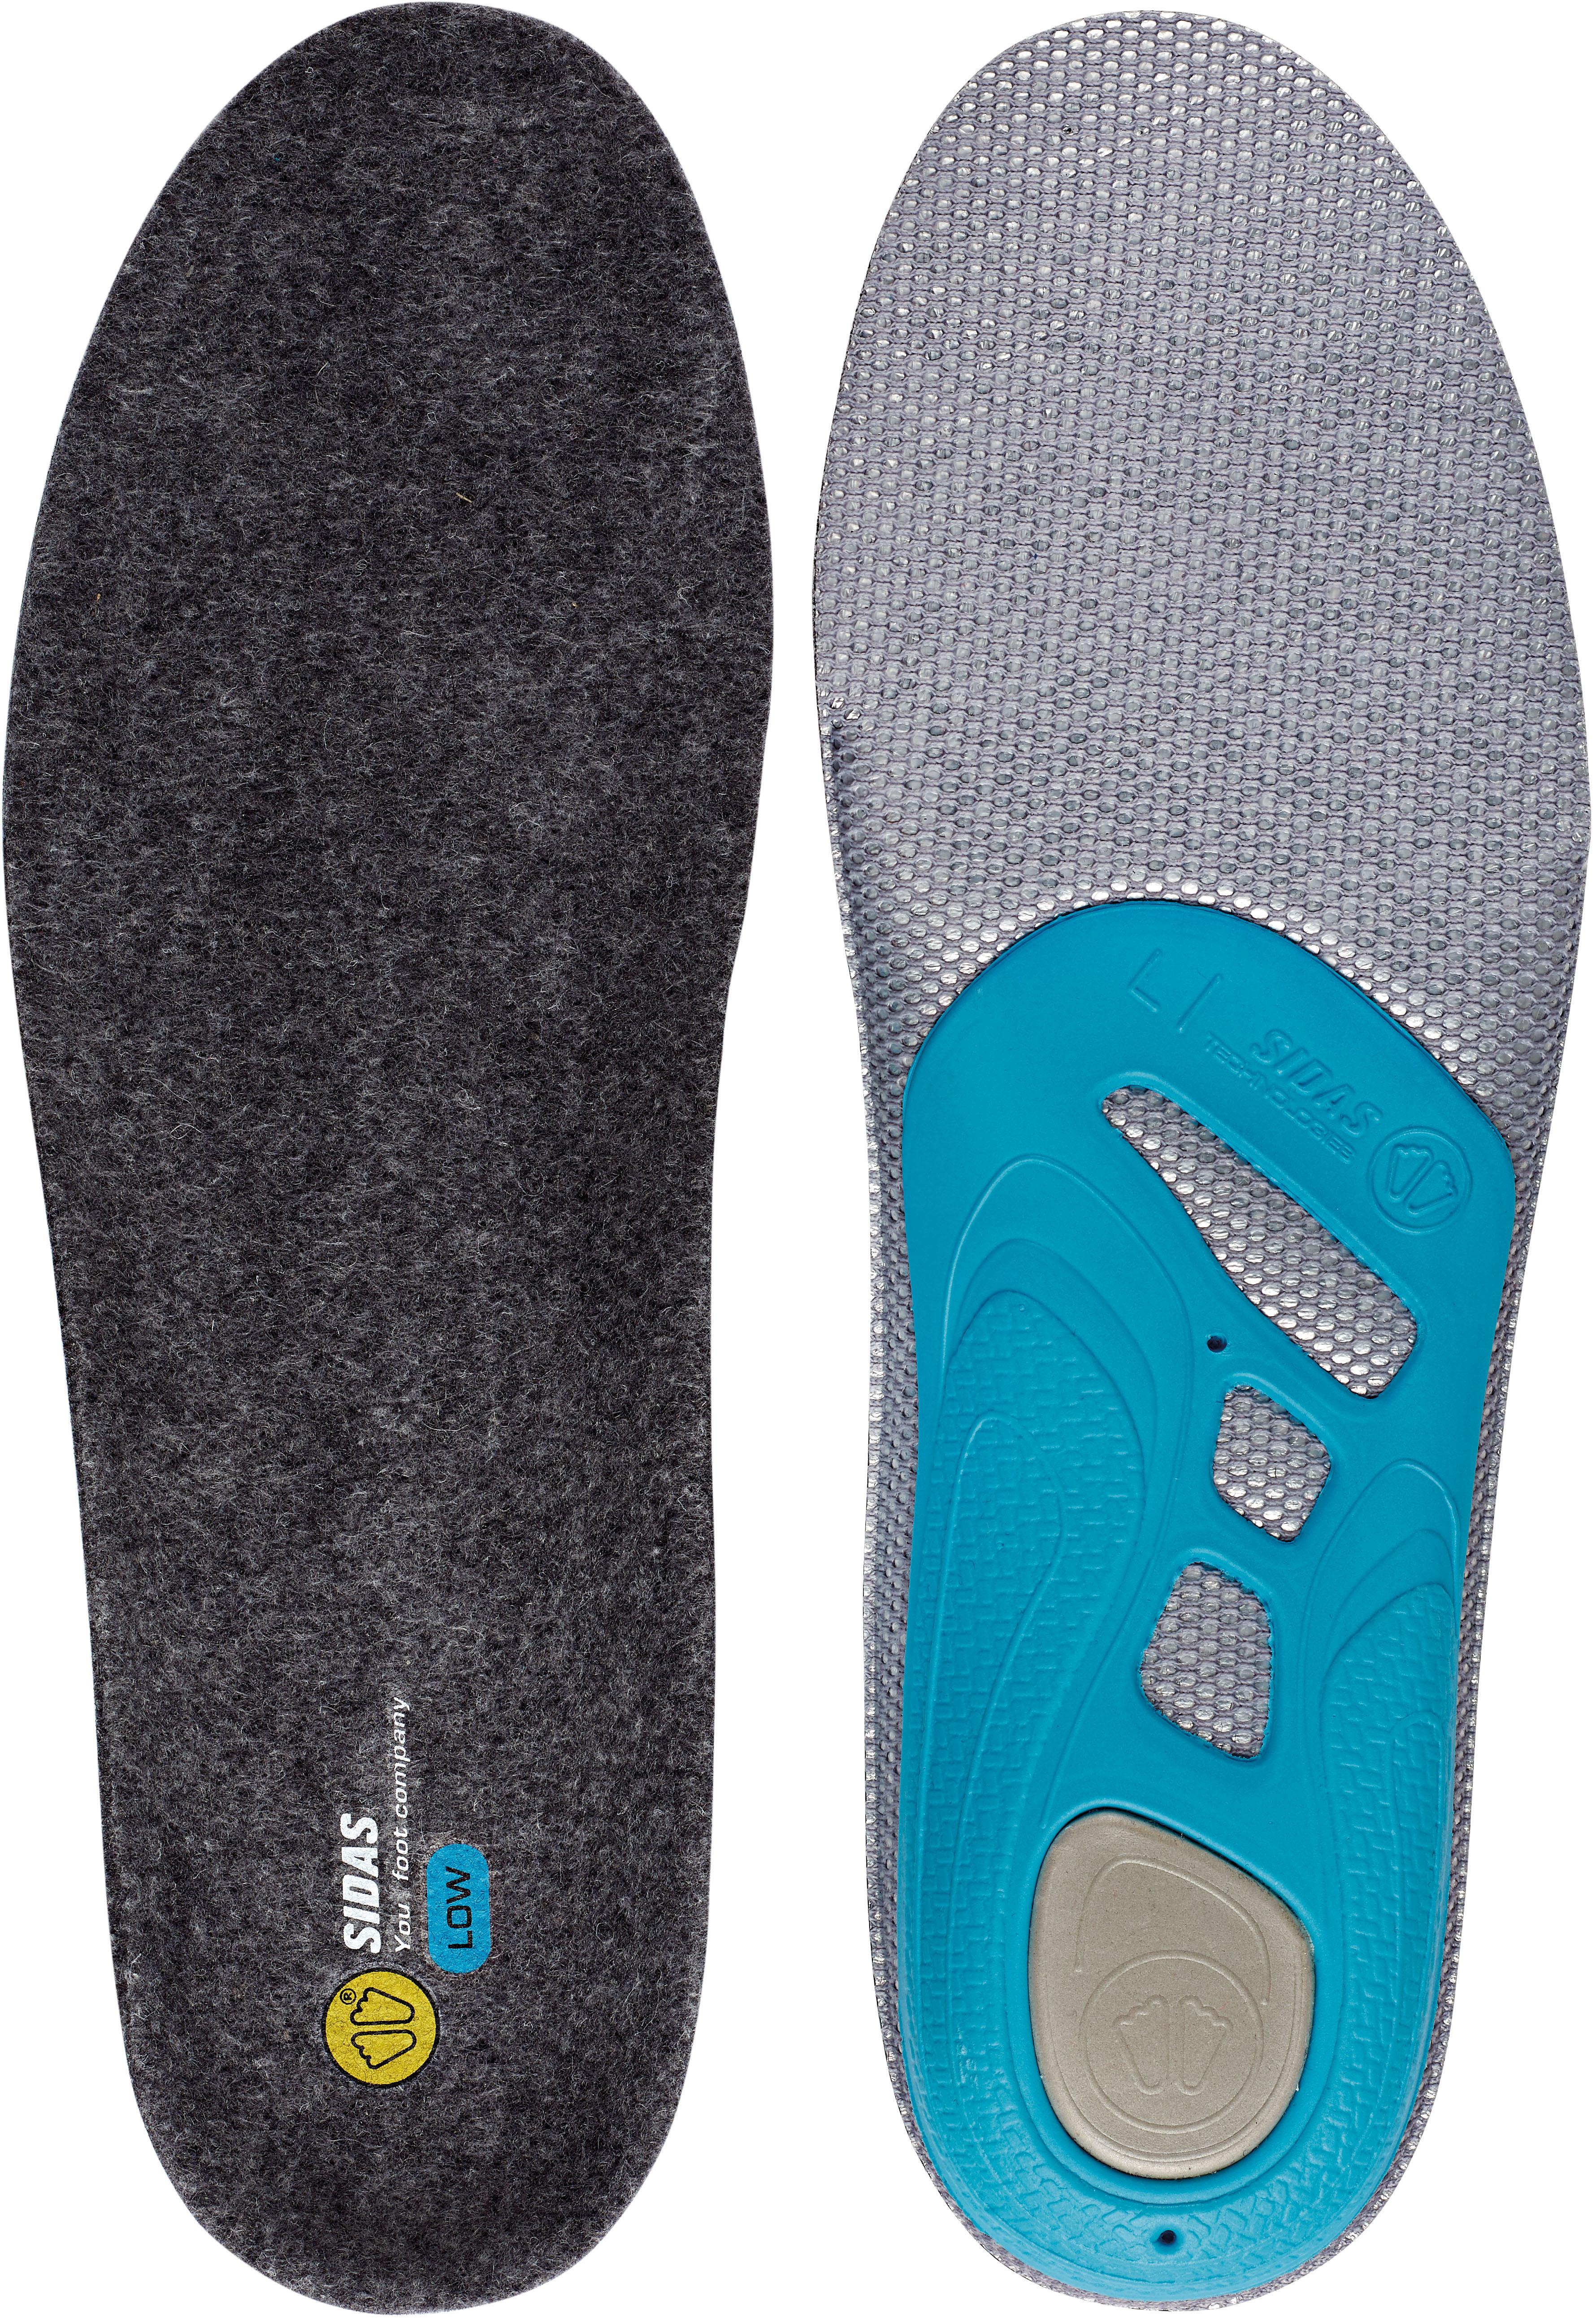 Sidas 3 Feet Merino Low